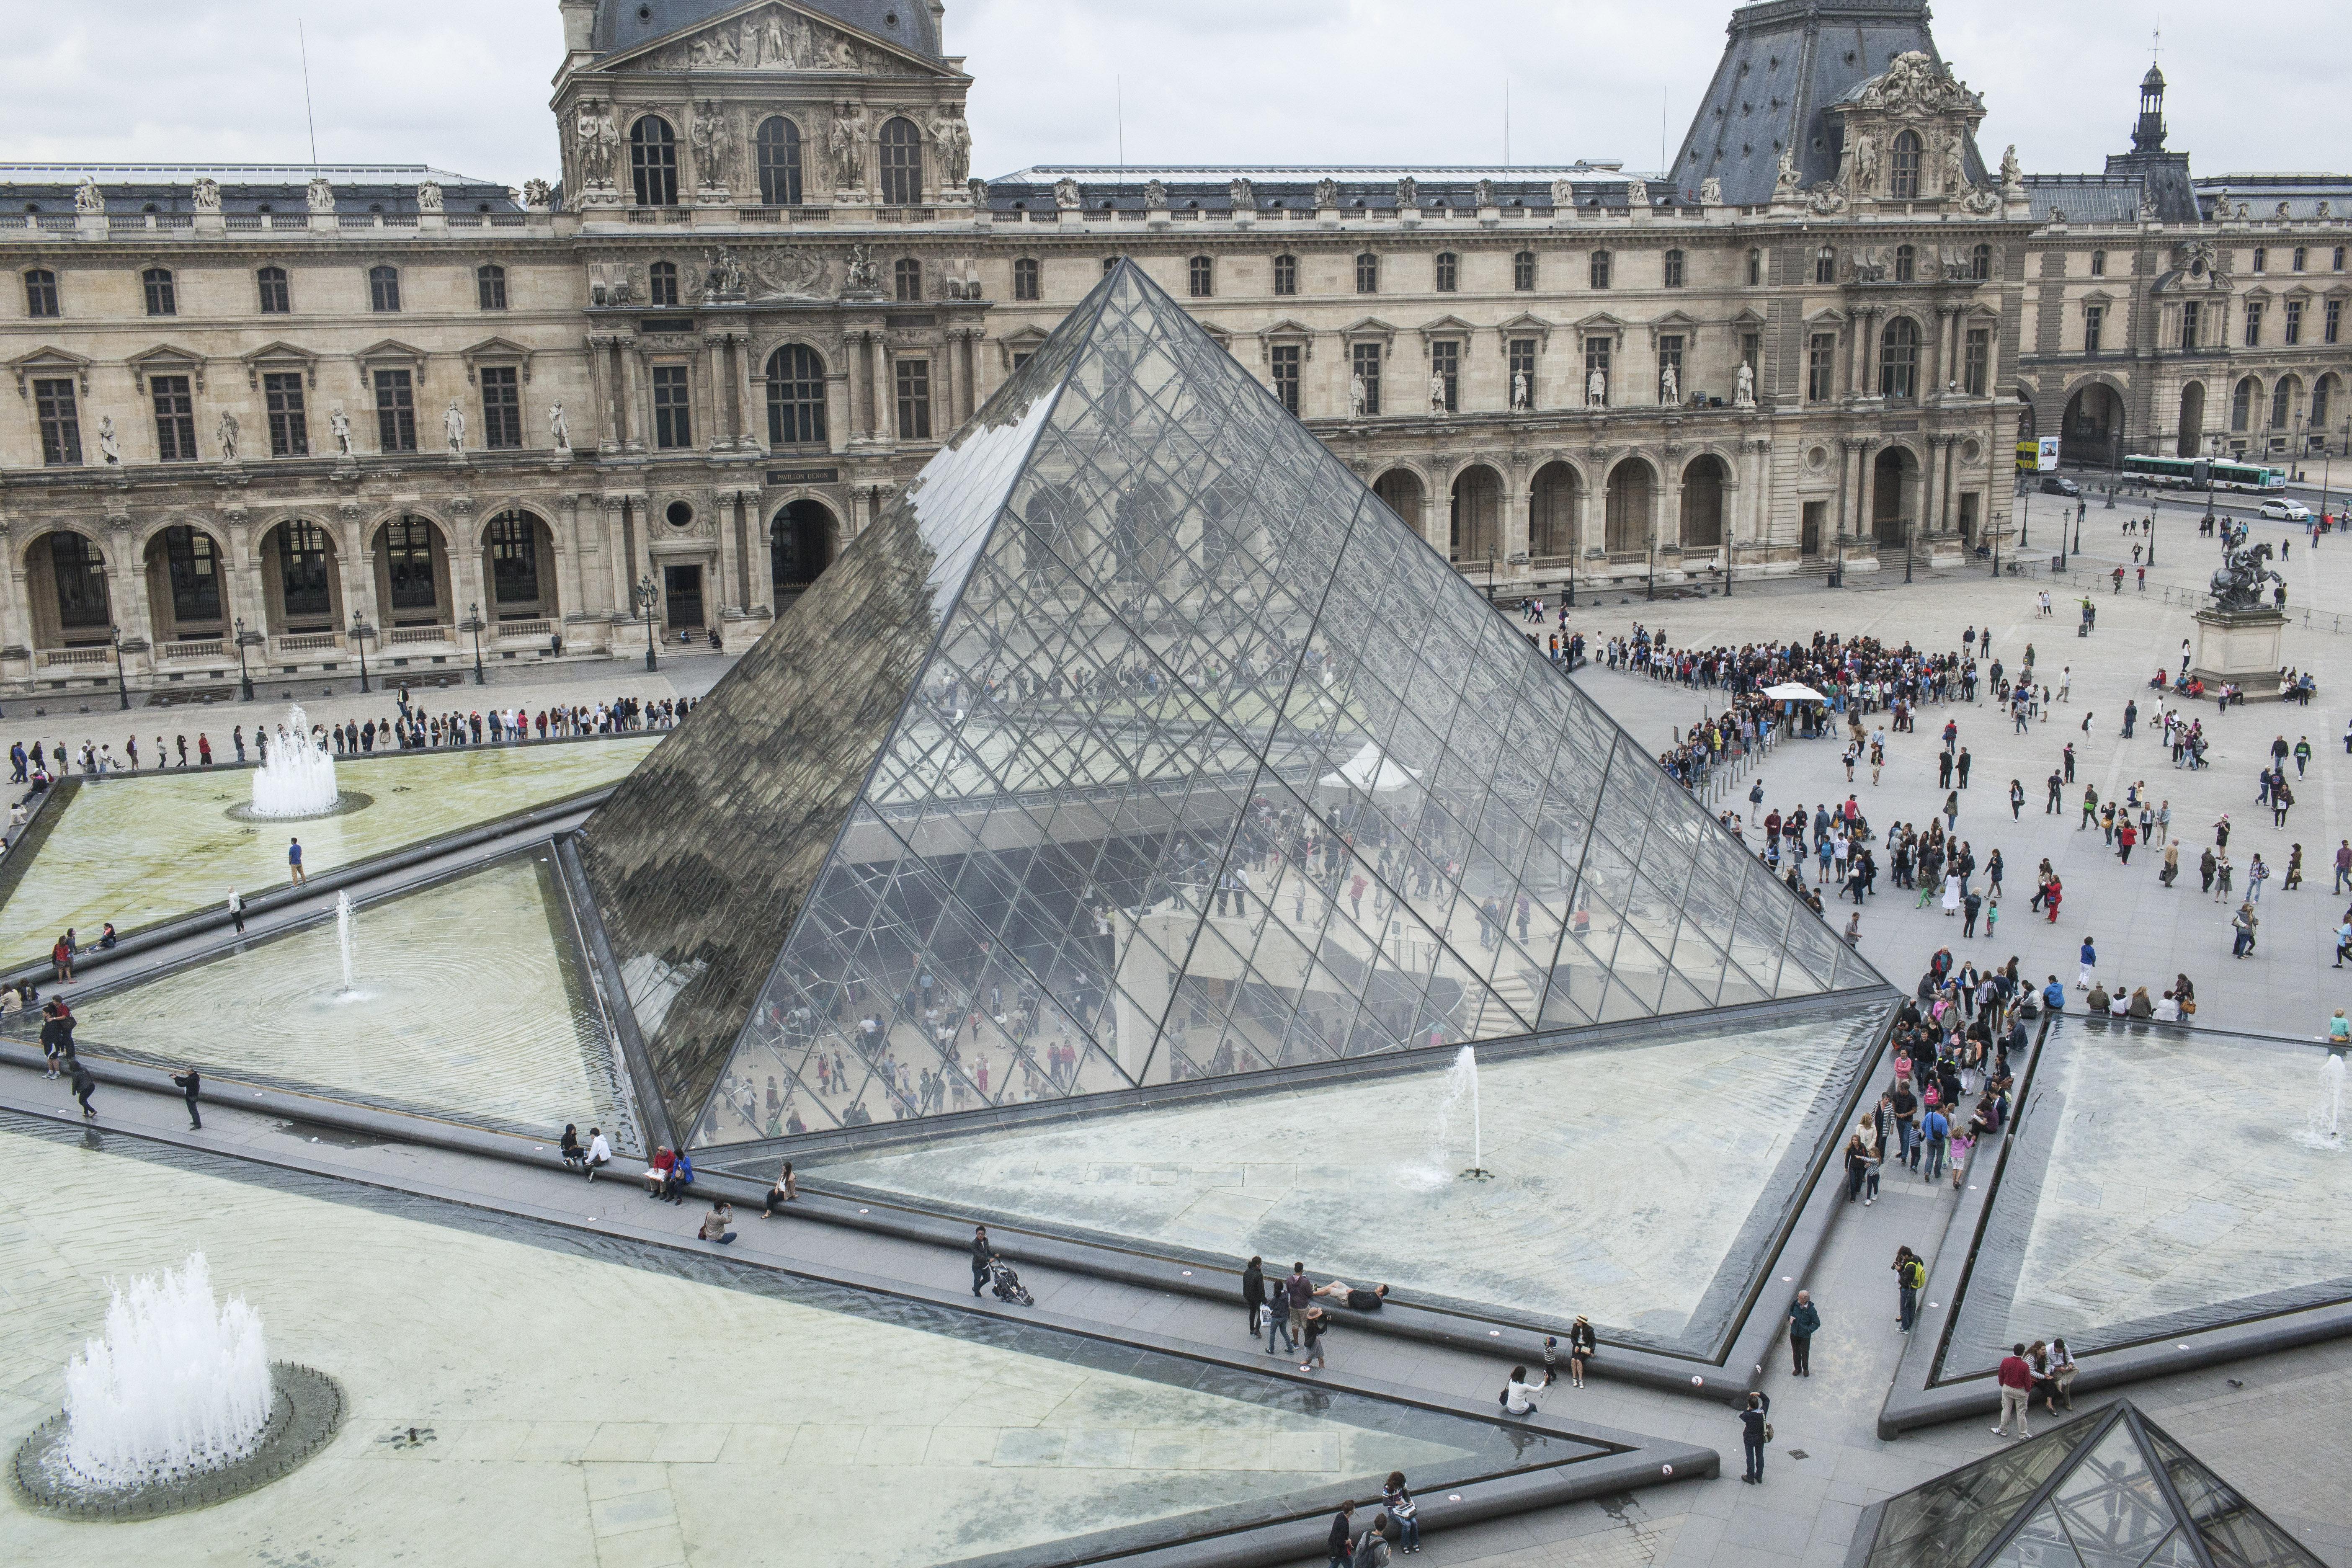 efyge-apo-ti-zoi-o-architektonas-tis-gyalinis-pyramidas-toy-loyvroy-i-m-pei1